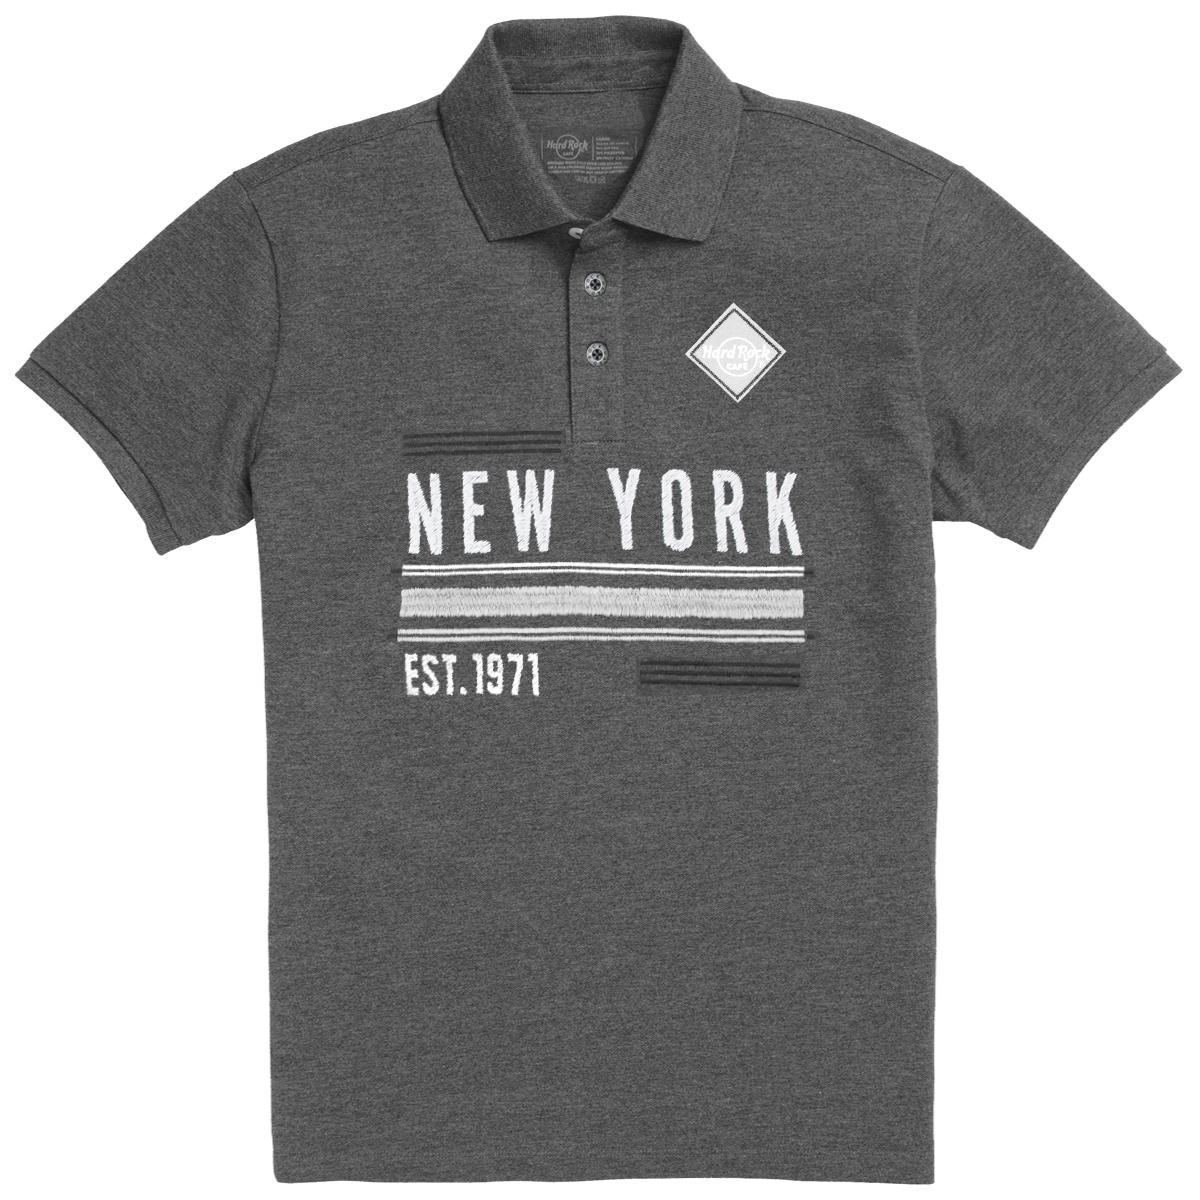 Men's Charcoal Destination Pique Polo, New York 0